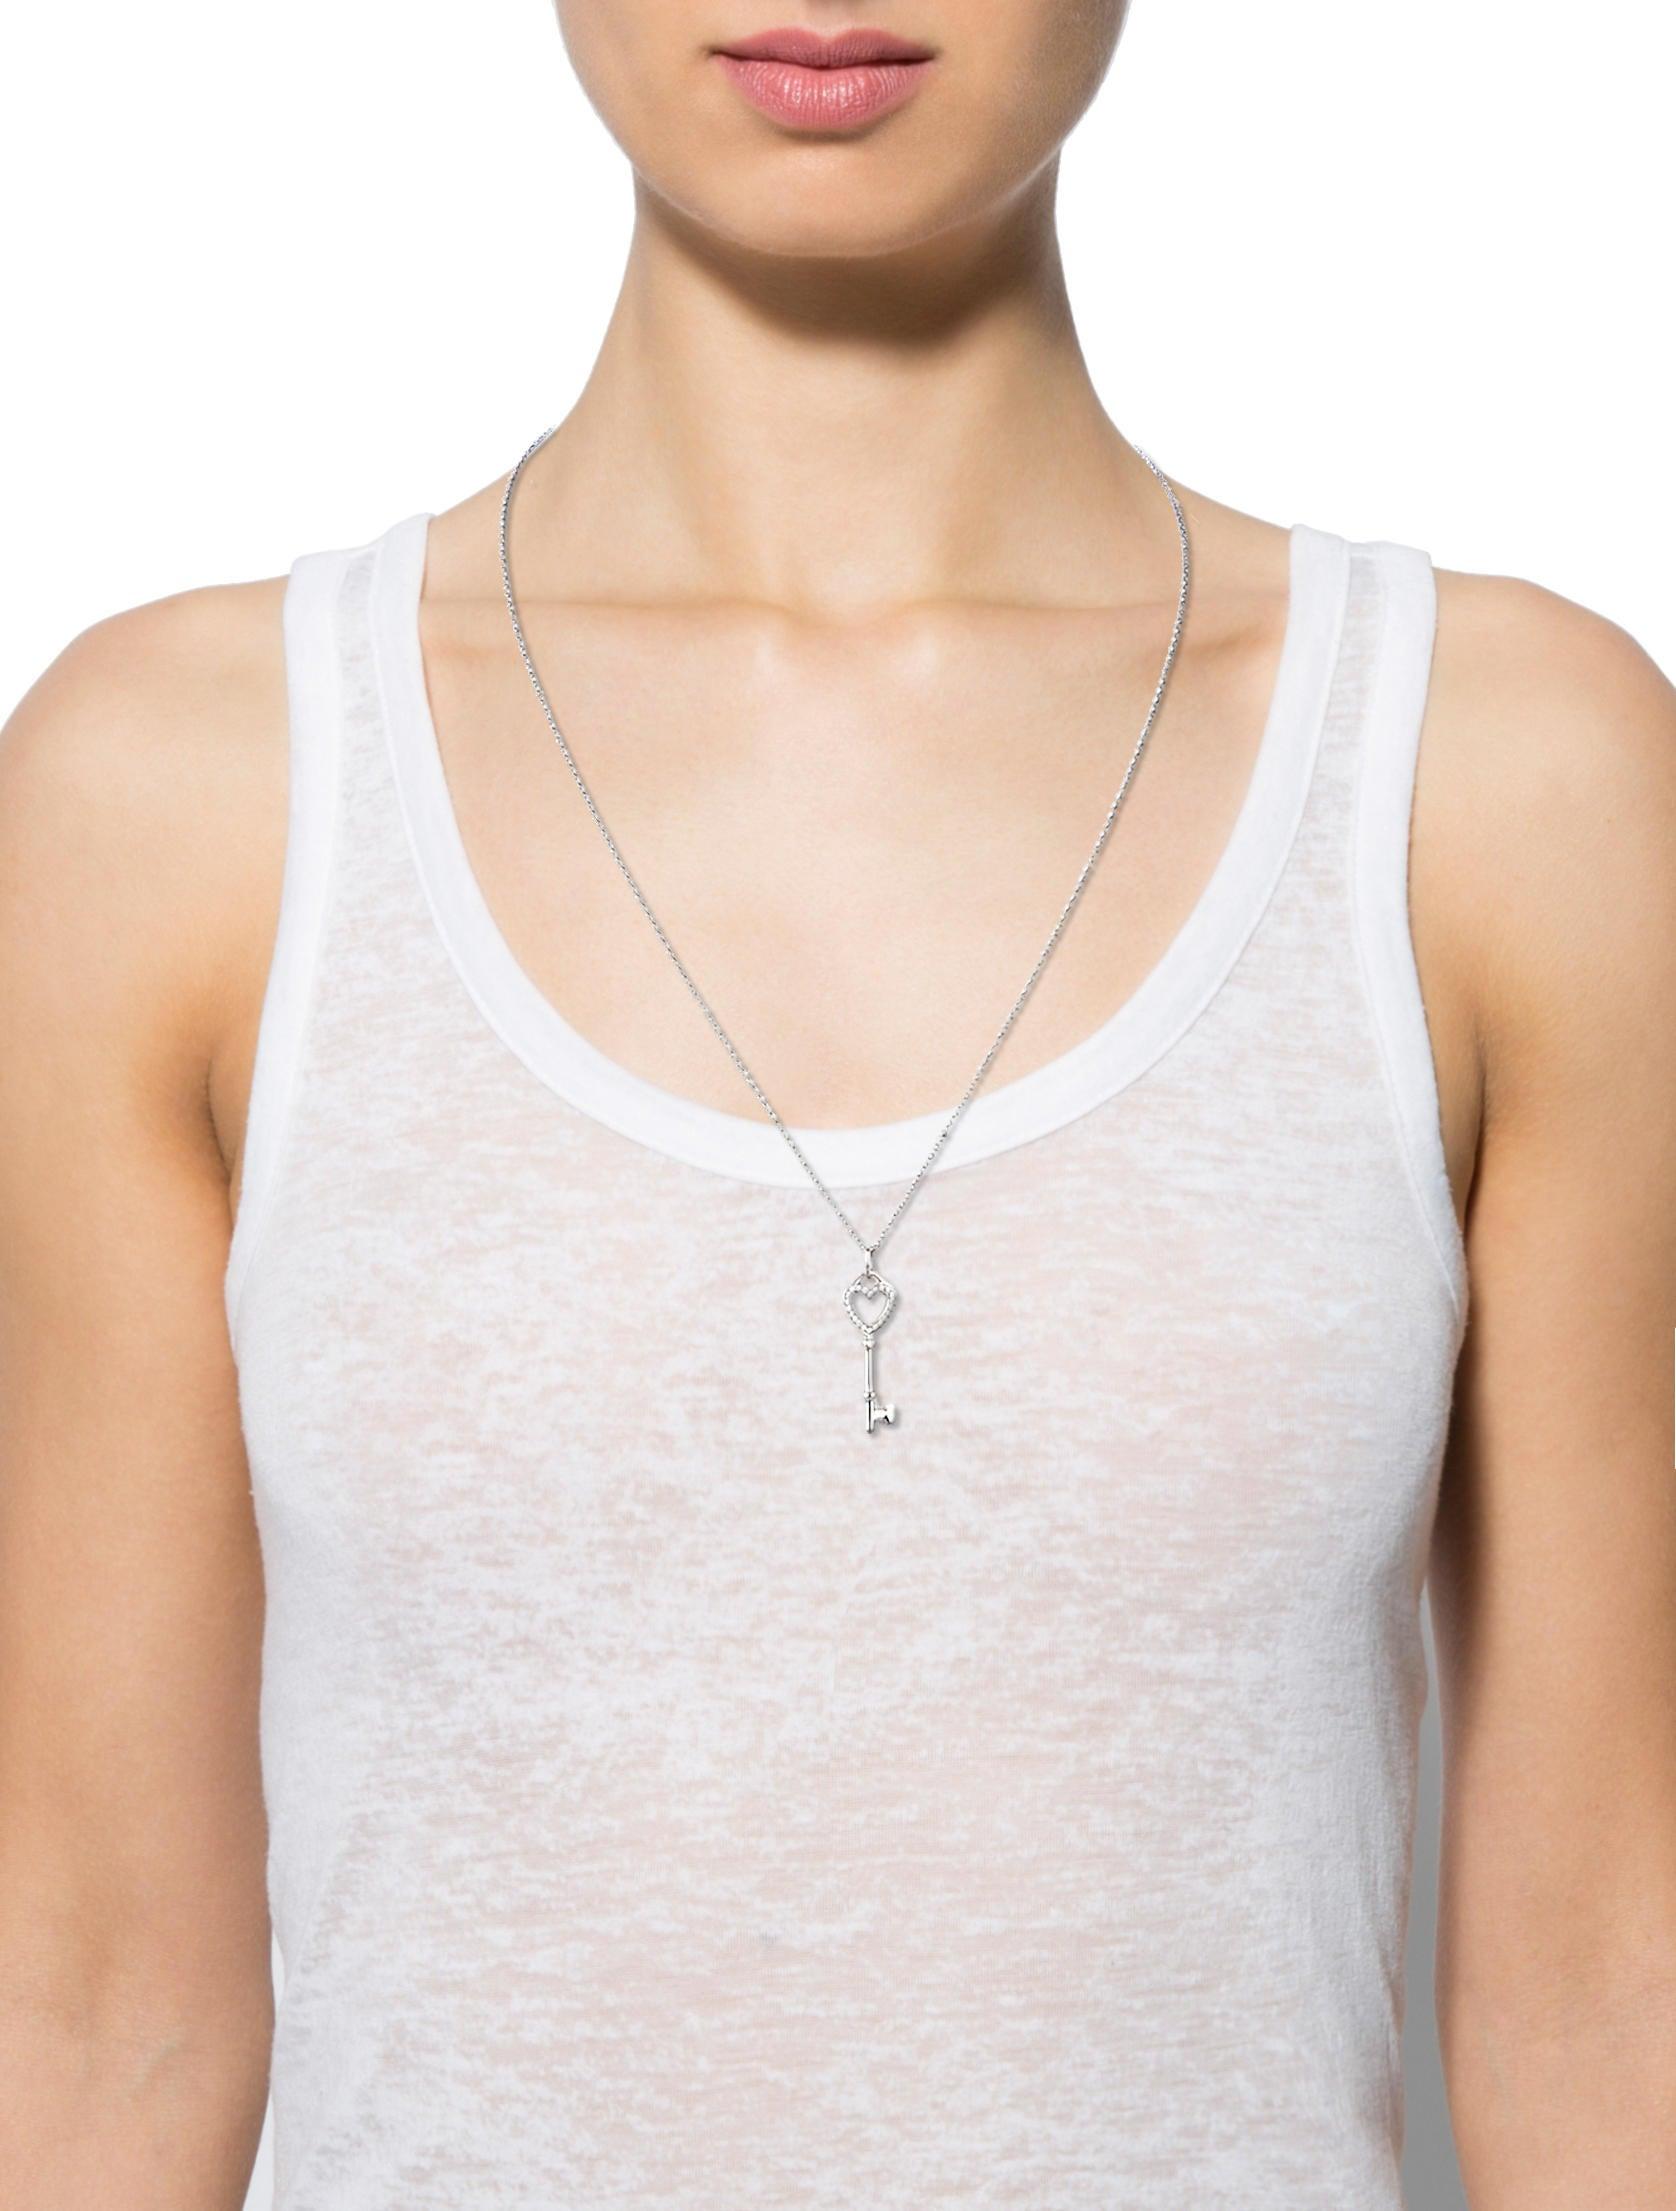 Tiffany co diamond heart key pendant necklace necklaces diamond heart key pendant necklace mozeypictures Choice Image